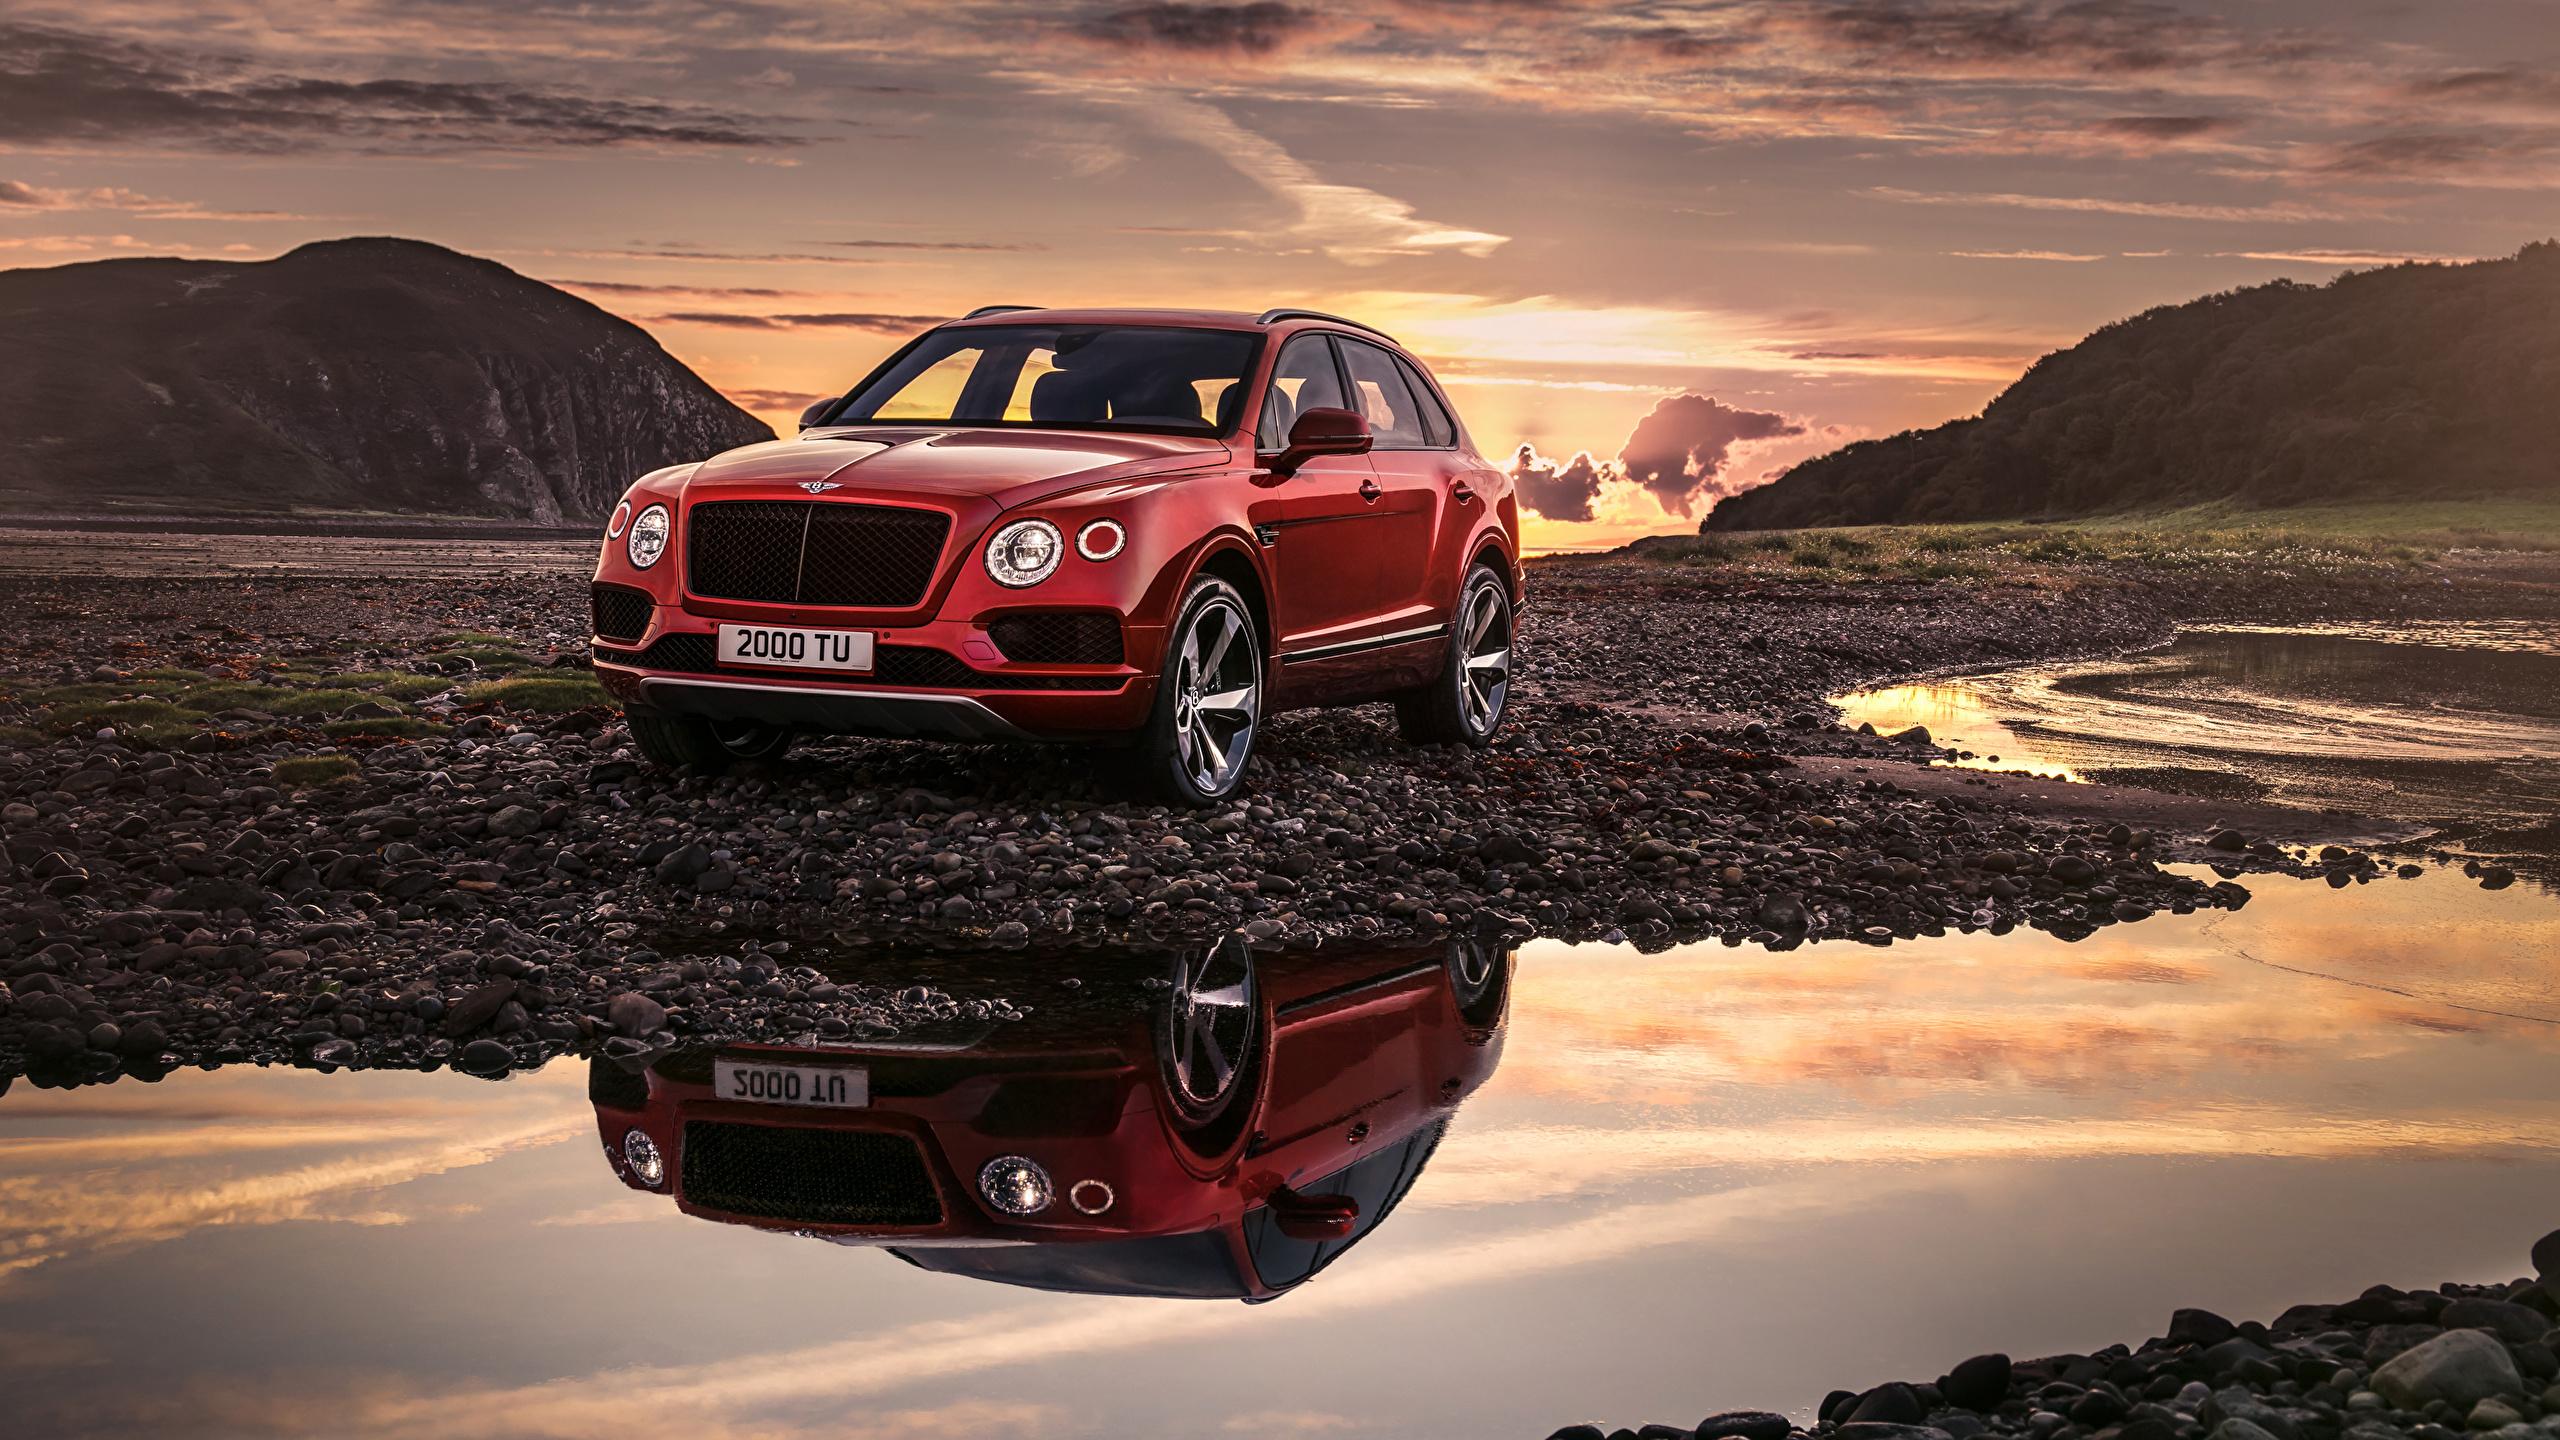 Картинка Bentley 2018 Bentayga V8 Worldwide красных автомобиль 2560x1440 Бентли красная красные Красный авто машины машина Автомобили